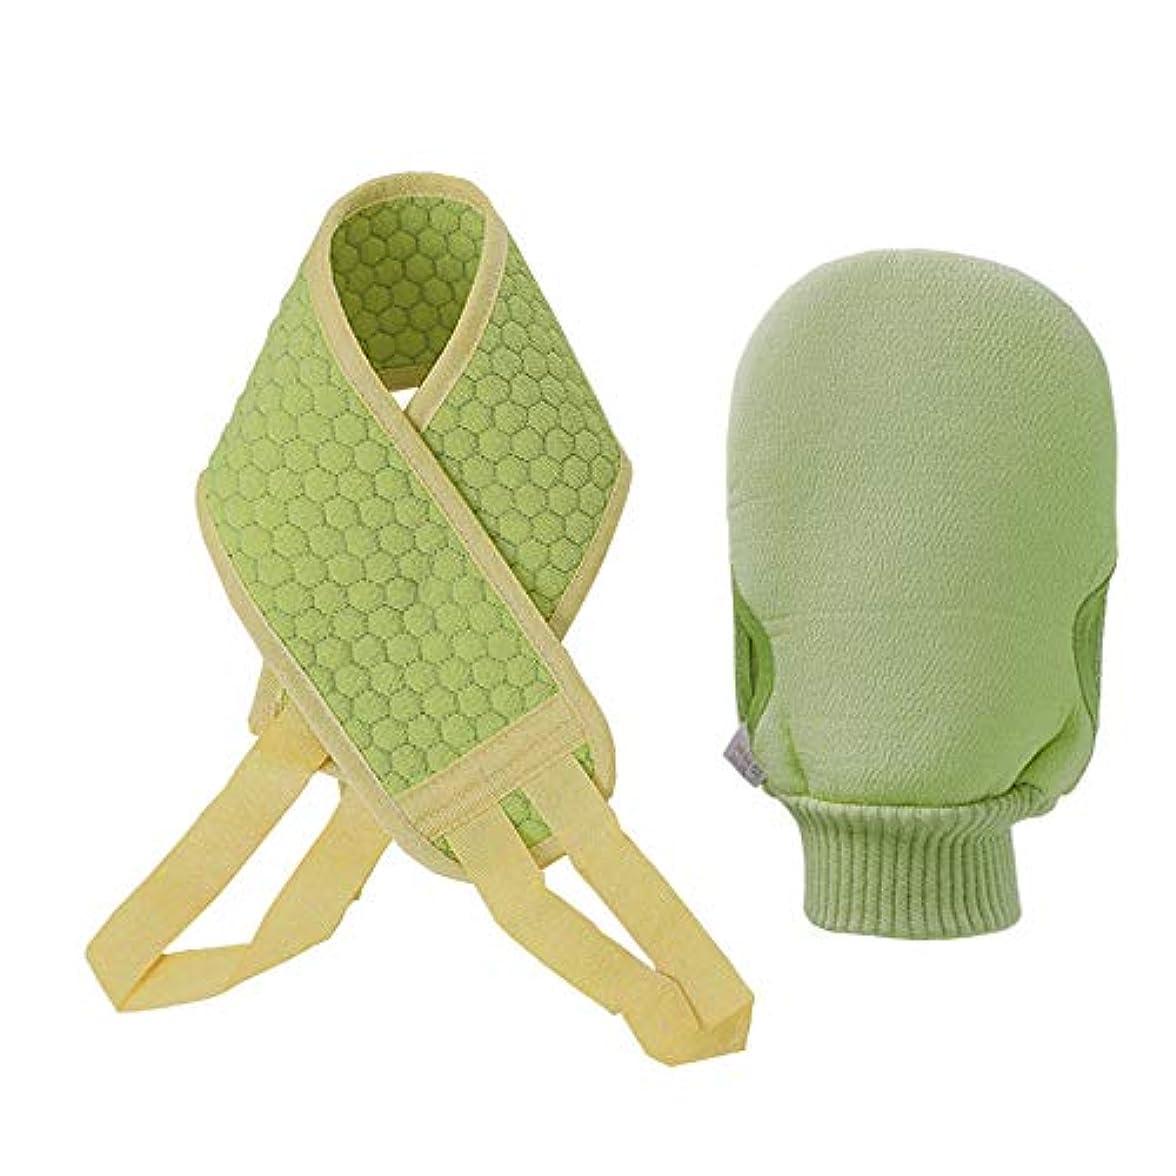 認知クリア男やもめバックスクラバー スポンジあかすり ボディタオル 垢すりタオル 背中洗い ボディブラシ バス用品 角質除去 男女兼用 天然へちま あかすり (green)